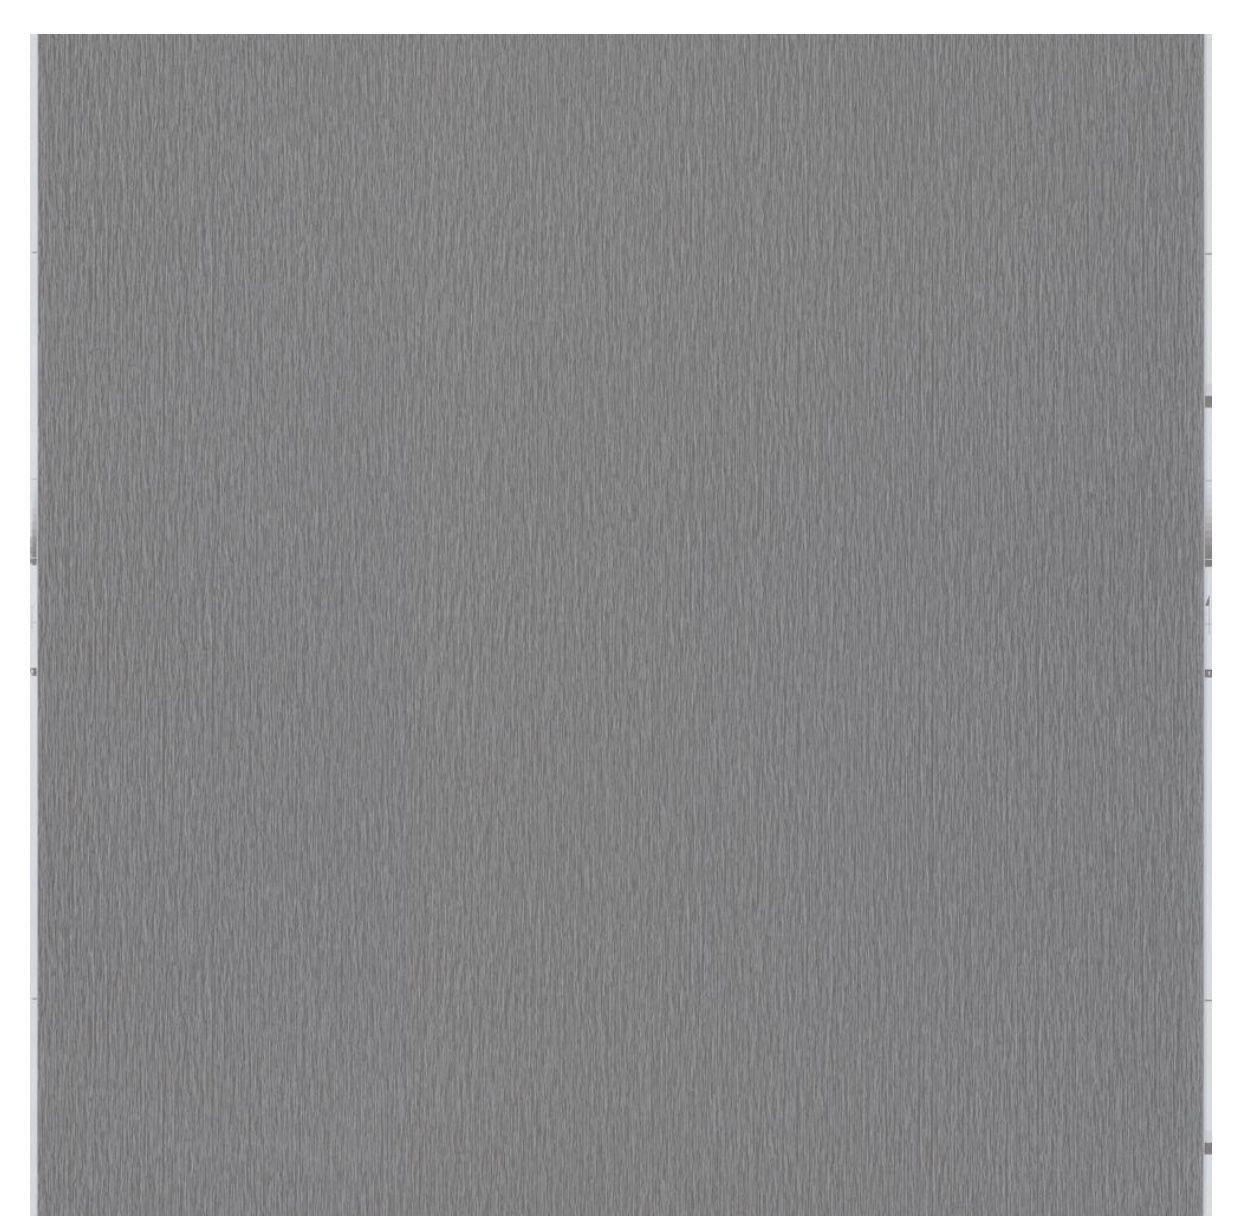 Flooring option vinyl tile Home Depot Carpet tiles